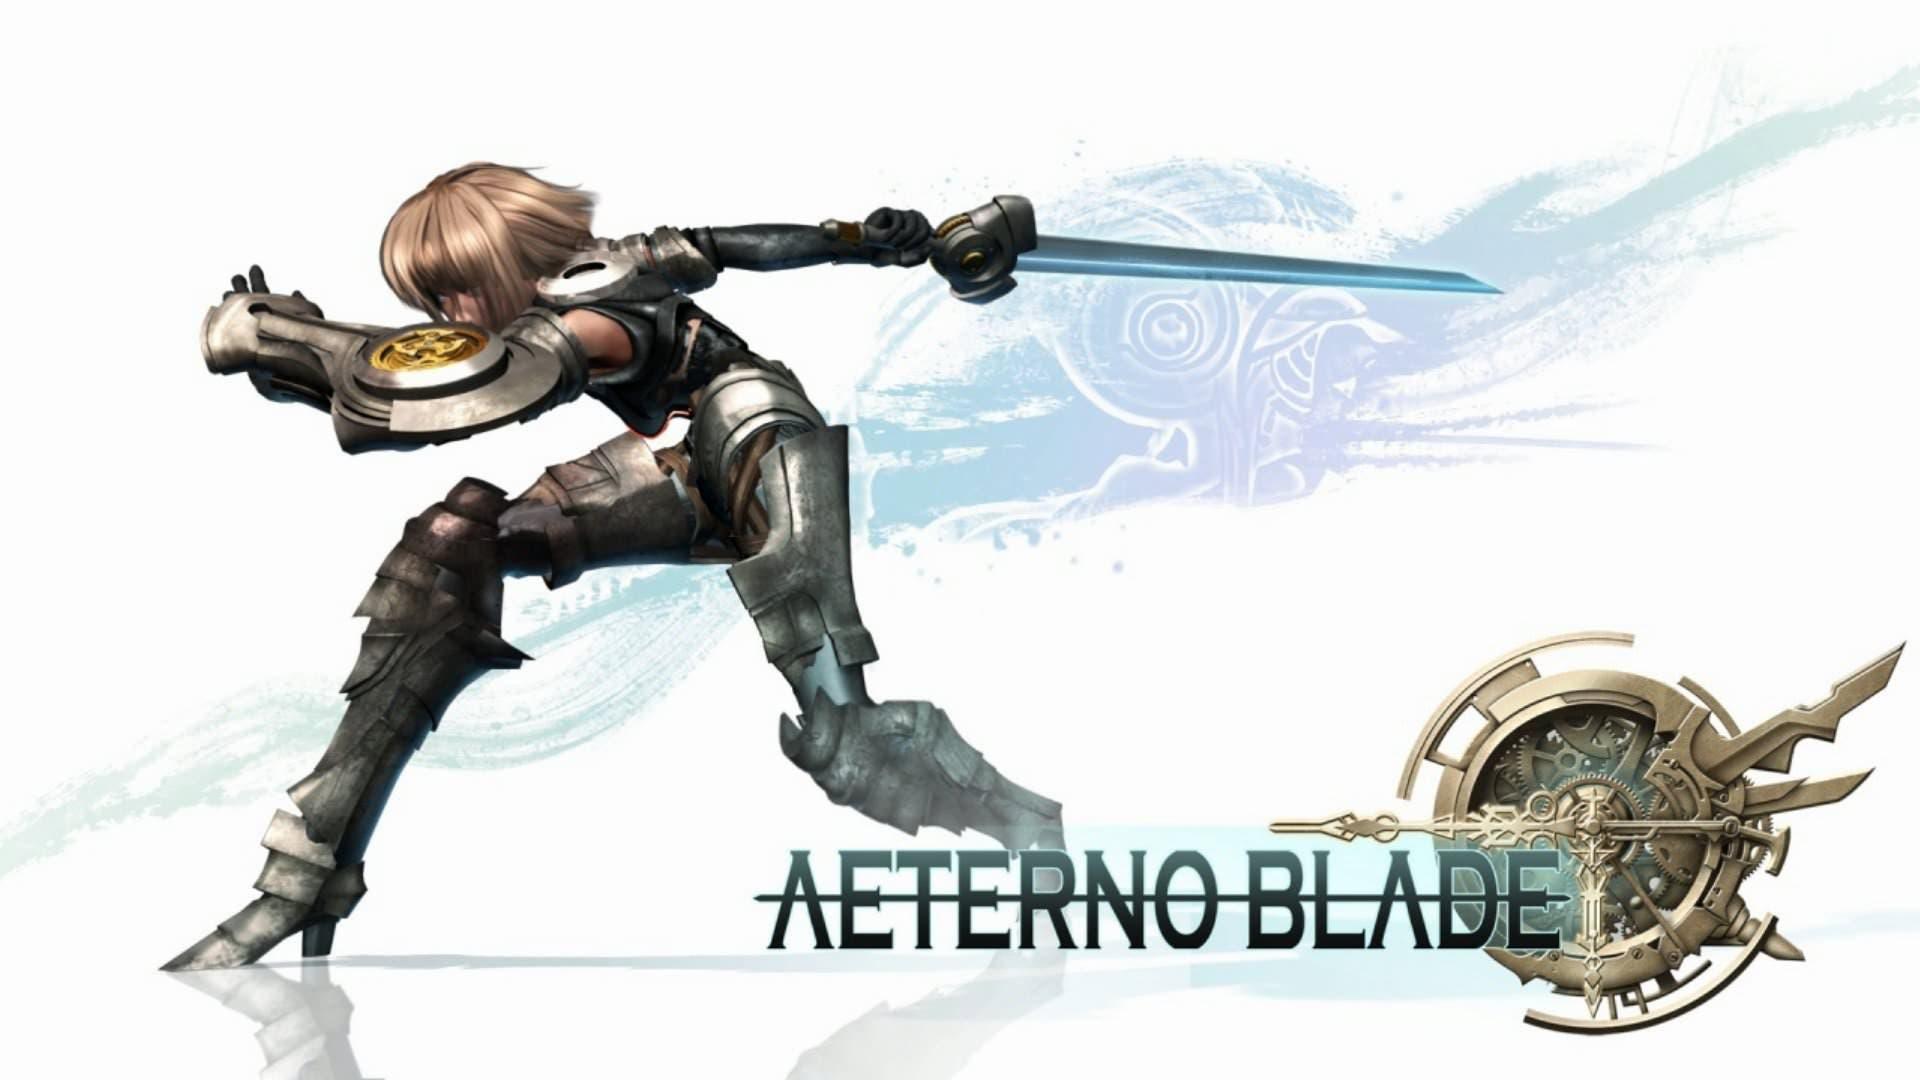 [Act.] El primer AeternoBlade también llegará a Nintendo Switch: nuevos detalles desvelados